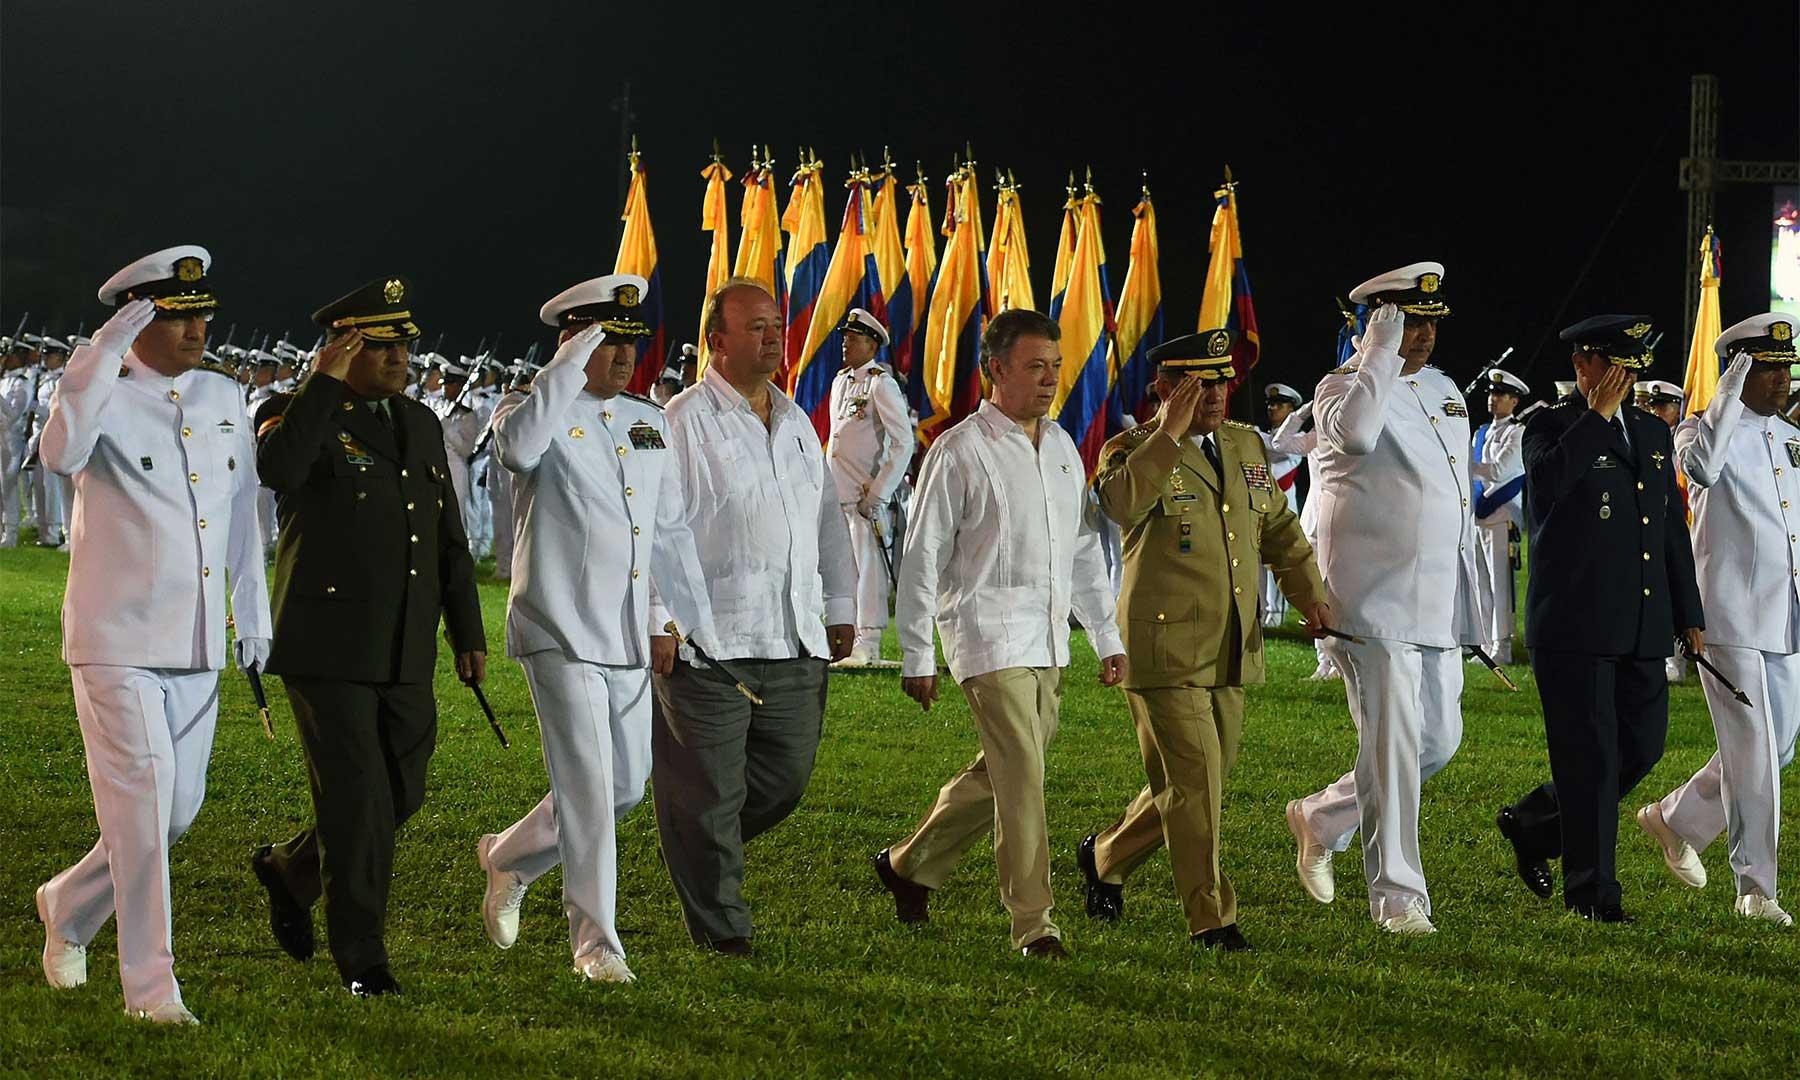 El Presidente Juan Manuel Santos encabezó este viernes la ceremonia realizada en la Escuela Naval de Cadetes Almirante Padilla, de Cartagena, para conmemorar el 193° aniversario de la Batalla Naval del Lago de Maracaibo y el Día de la Armada Nacional.